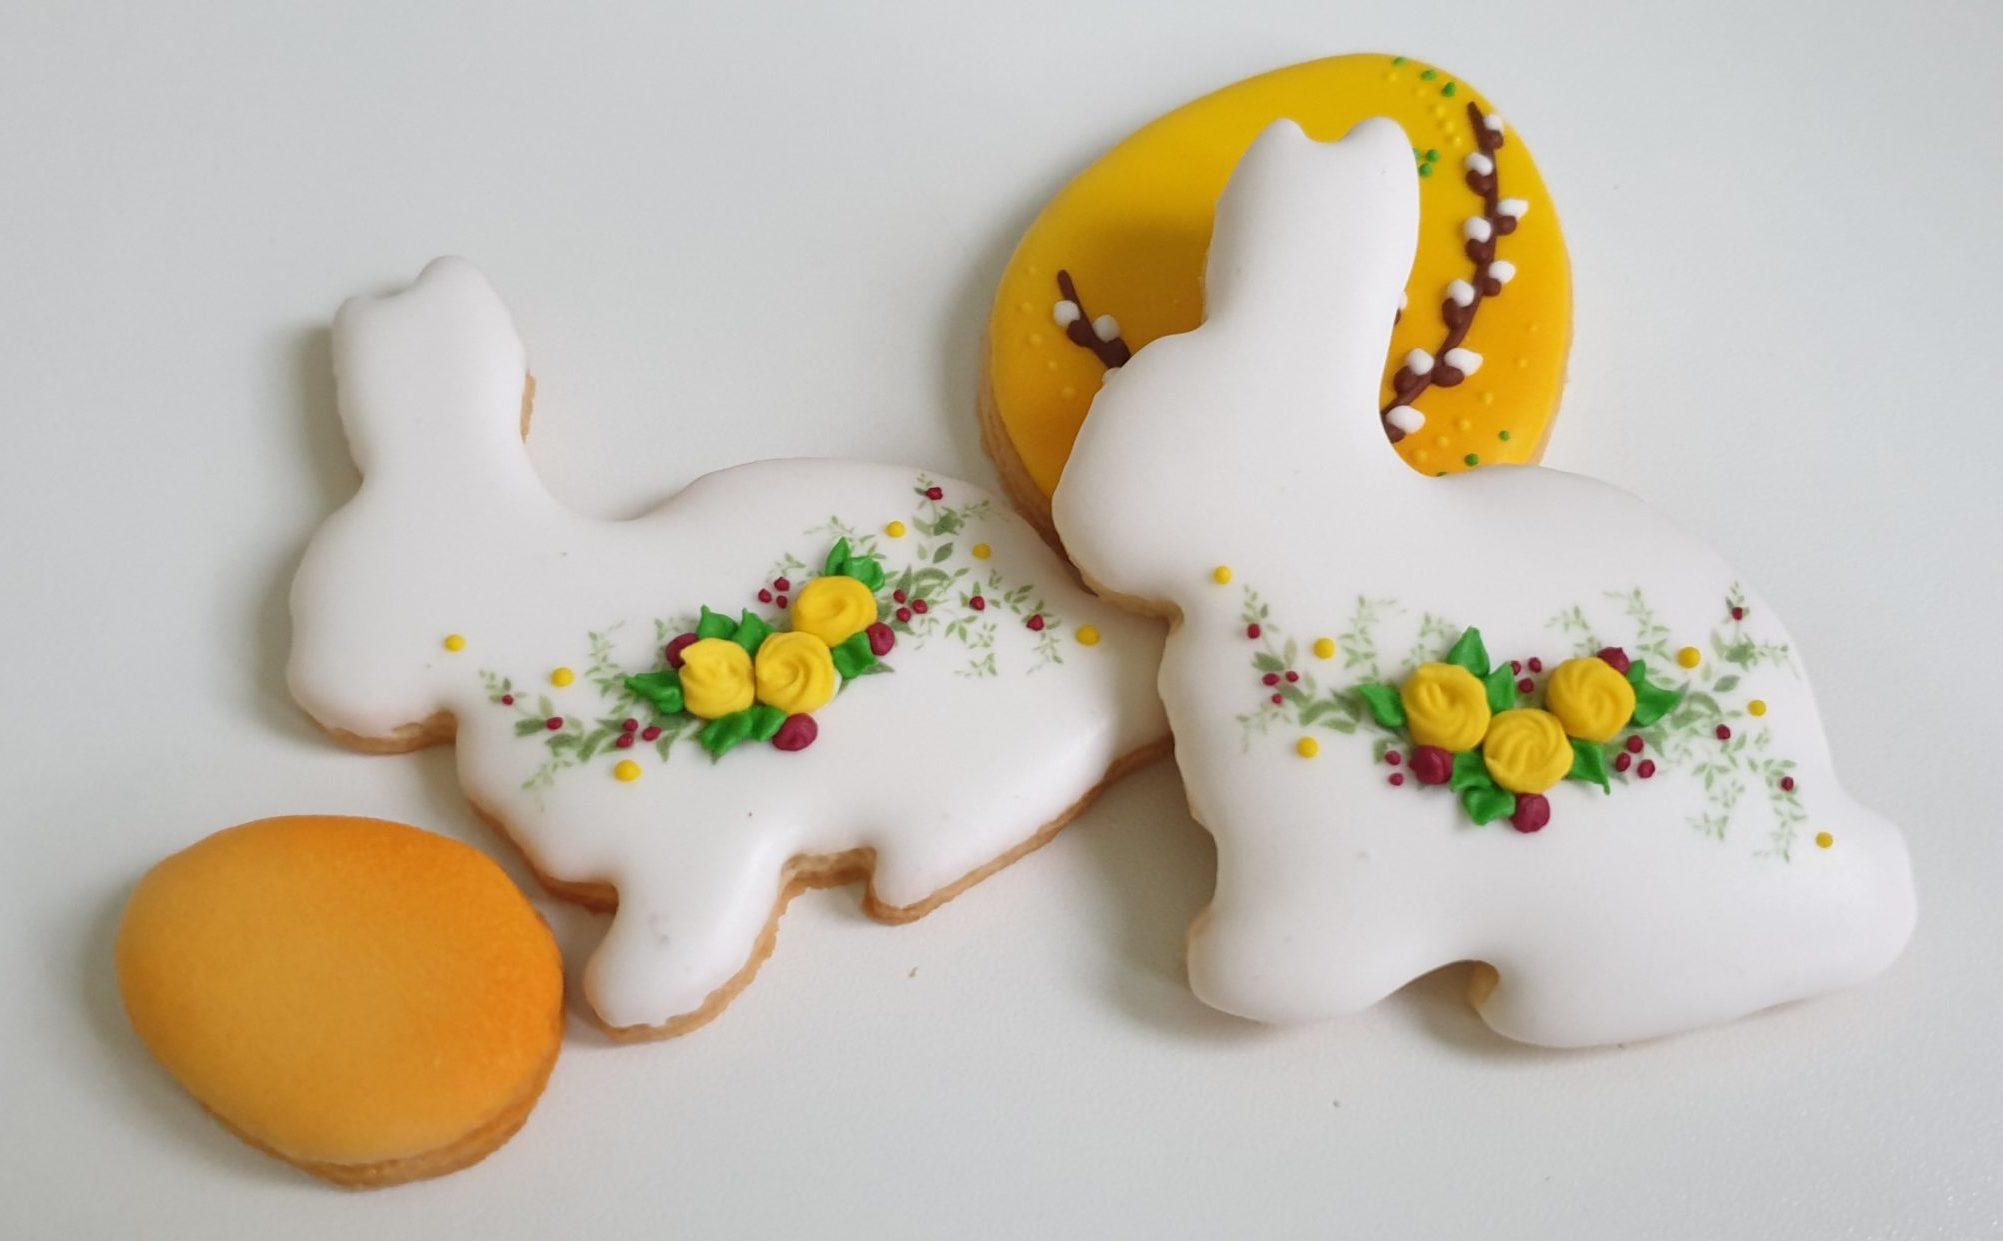 Ciasteczka wielkanocne dekorowane kwiatuszkami, zajączek, Króliczek wielkanocny, ciasteczka wielkanocne, dekoracje wielkanocne, lukrowane ciasteczka Basia sweets